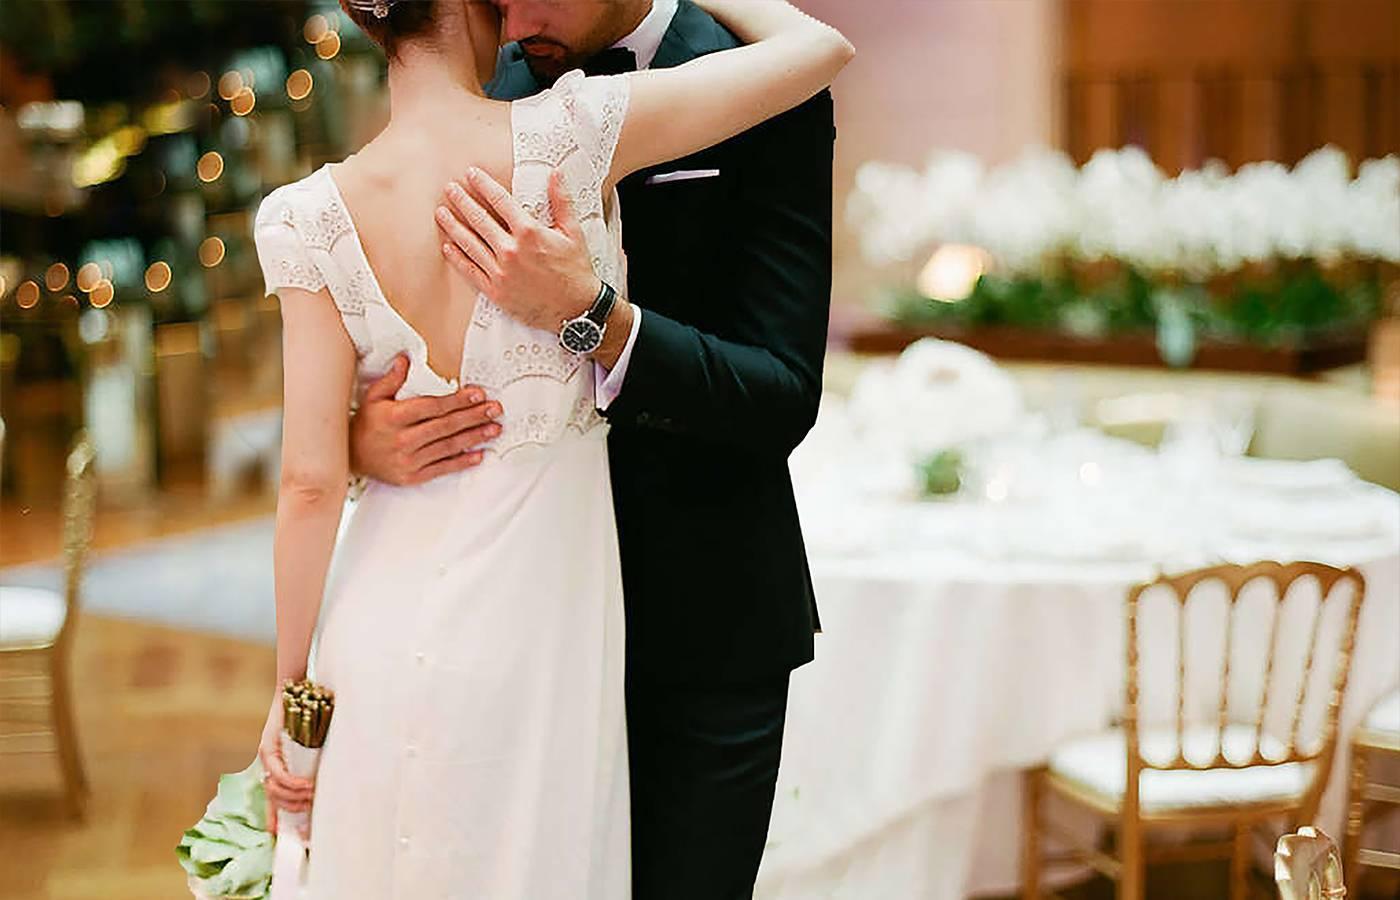 Как сделать свадьбу для двоих?